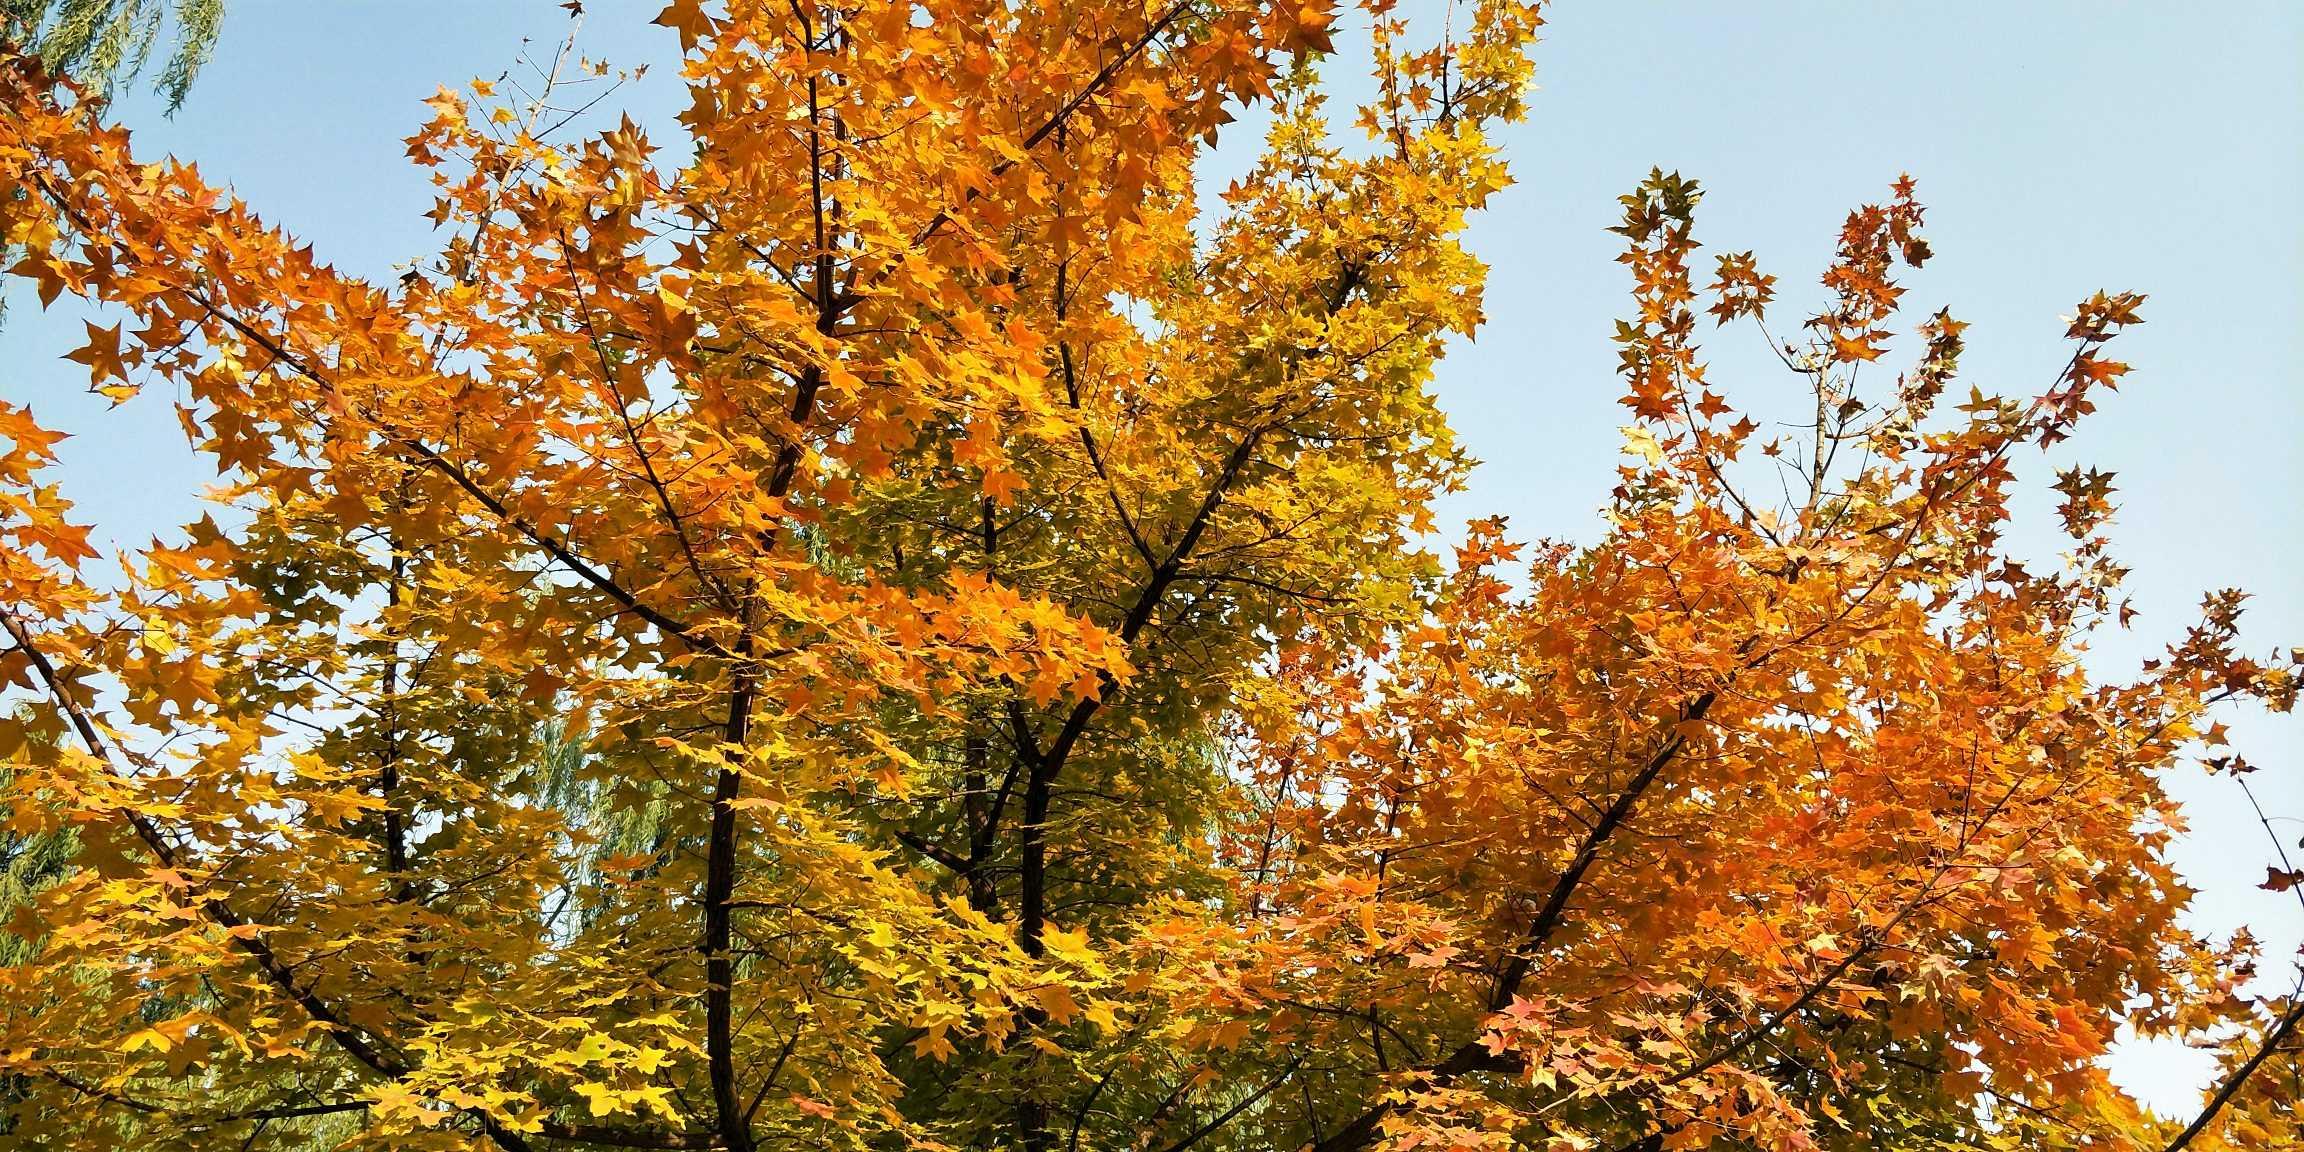 祖国景色处处美——深秋叶儿美